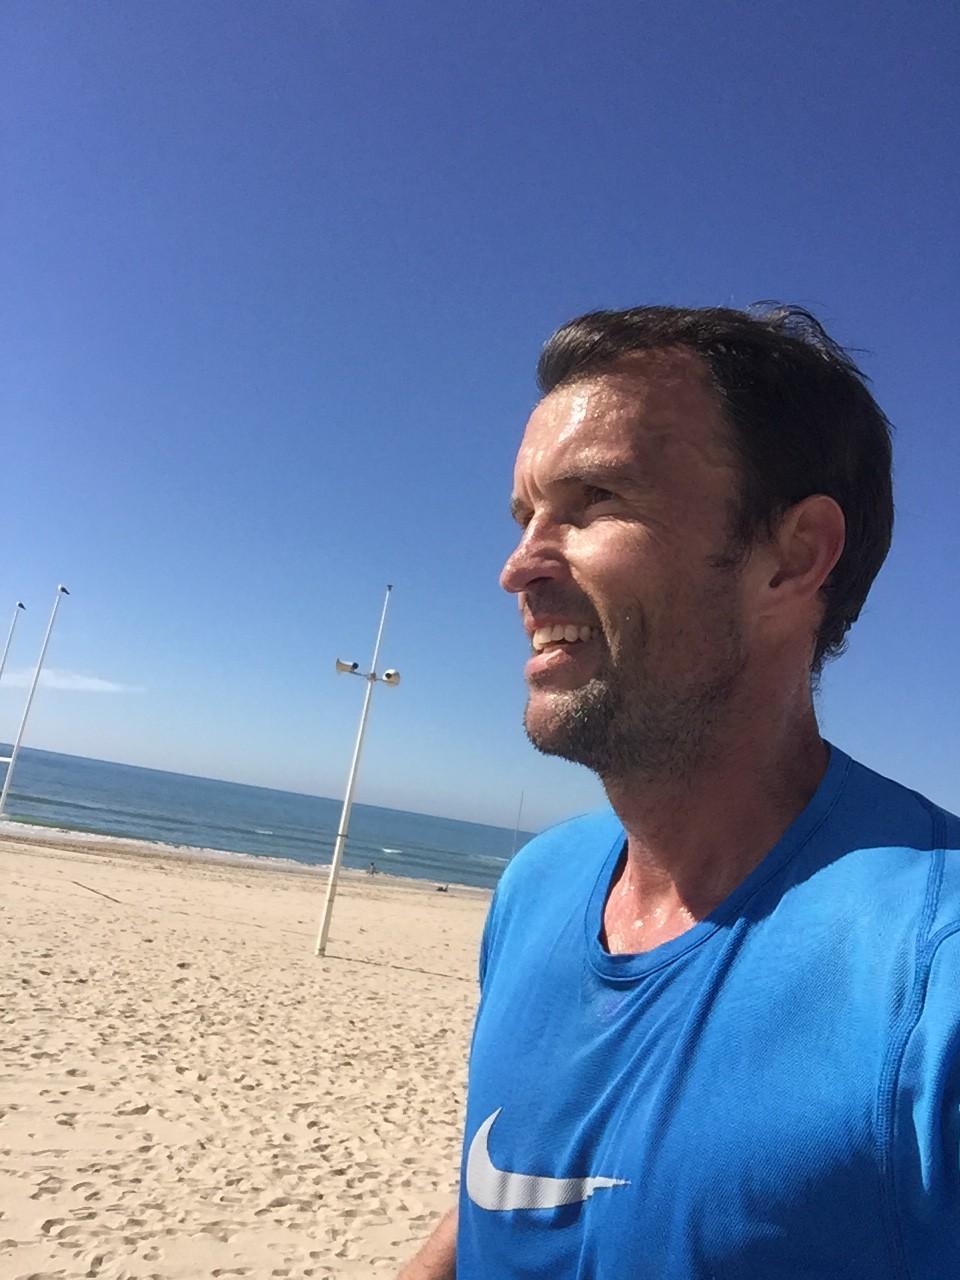 Mein Schiff Gastautor Christoph Kaminski